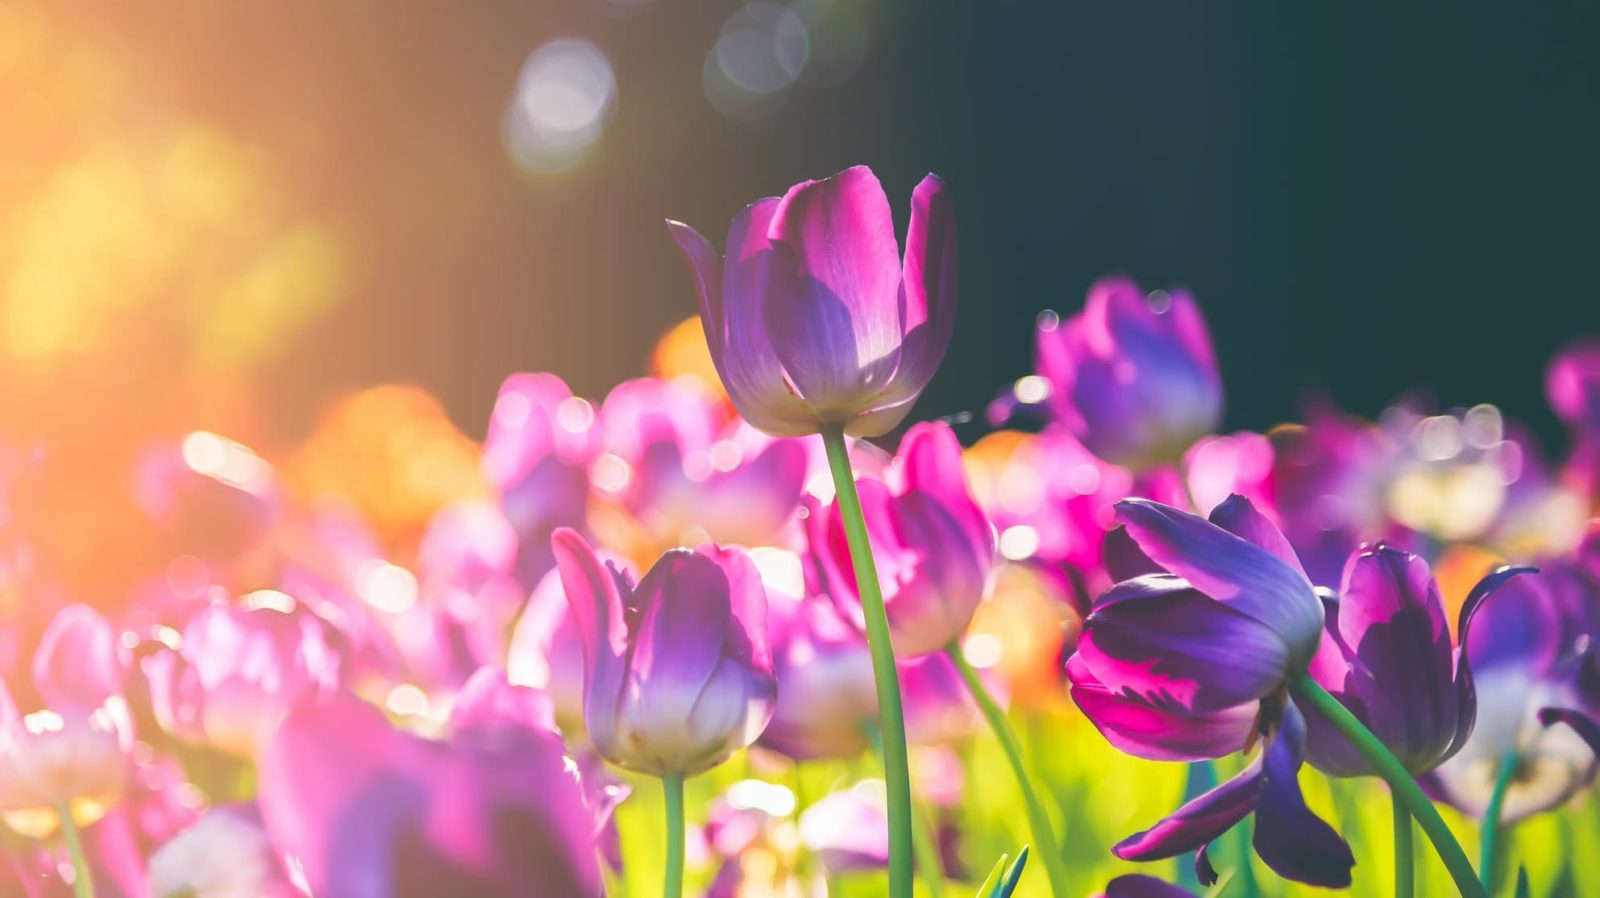 purple tulips in focus